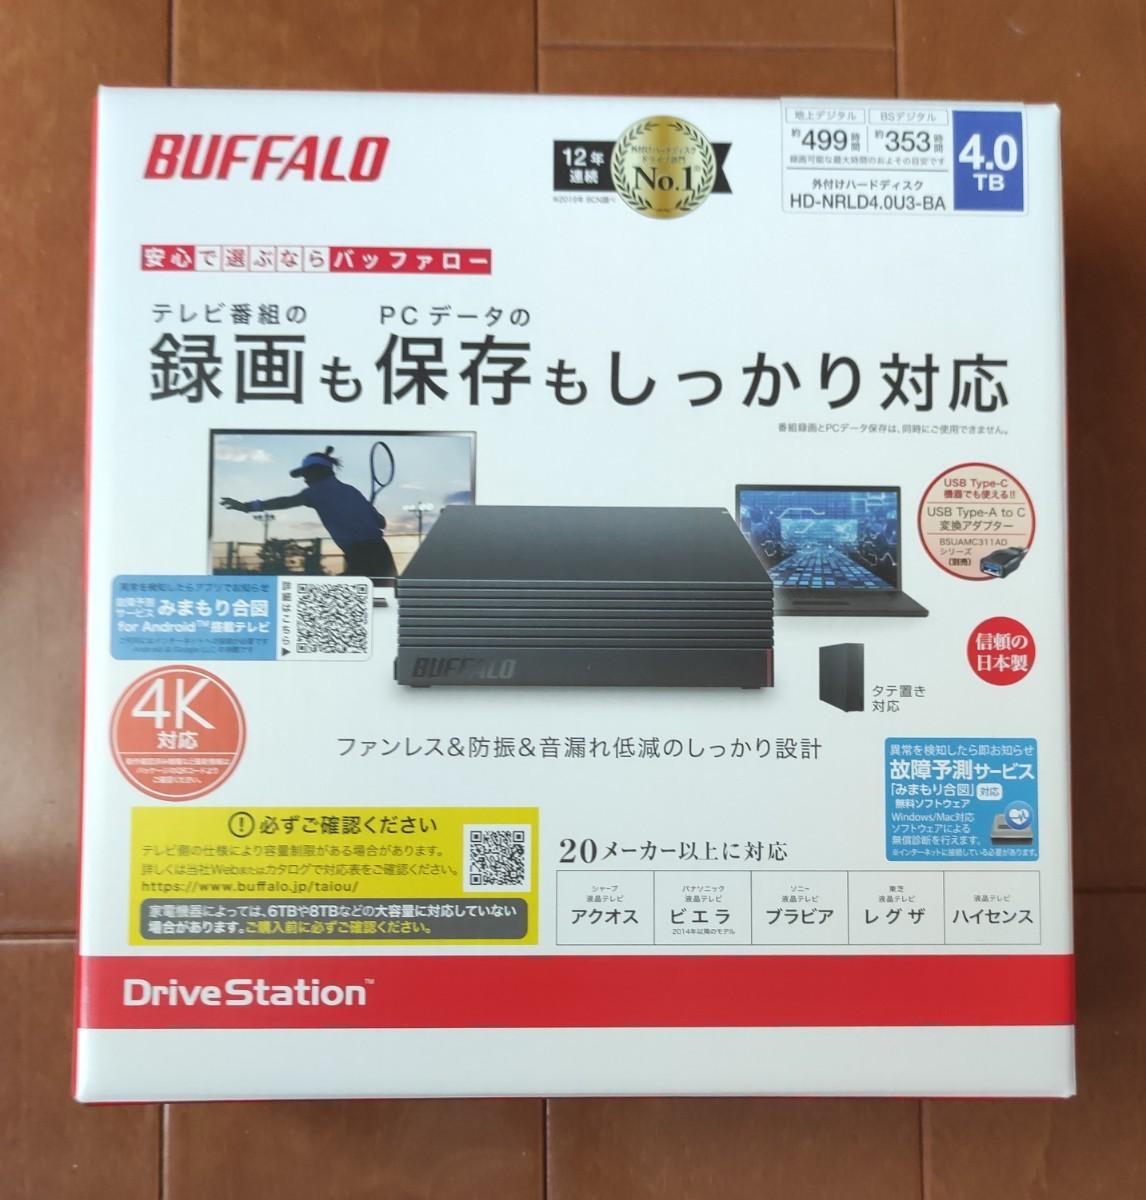 新品未開封品 4TB  外付けハードディスク BUFFALO